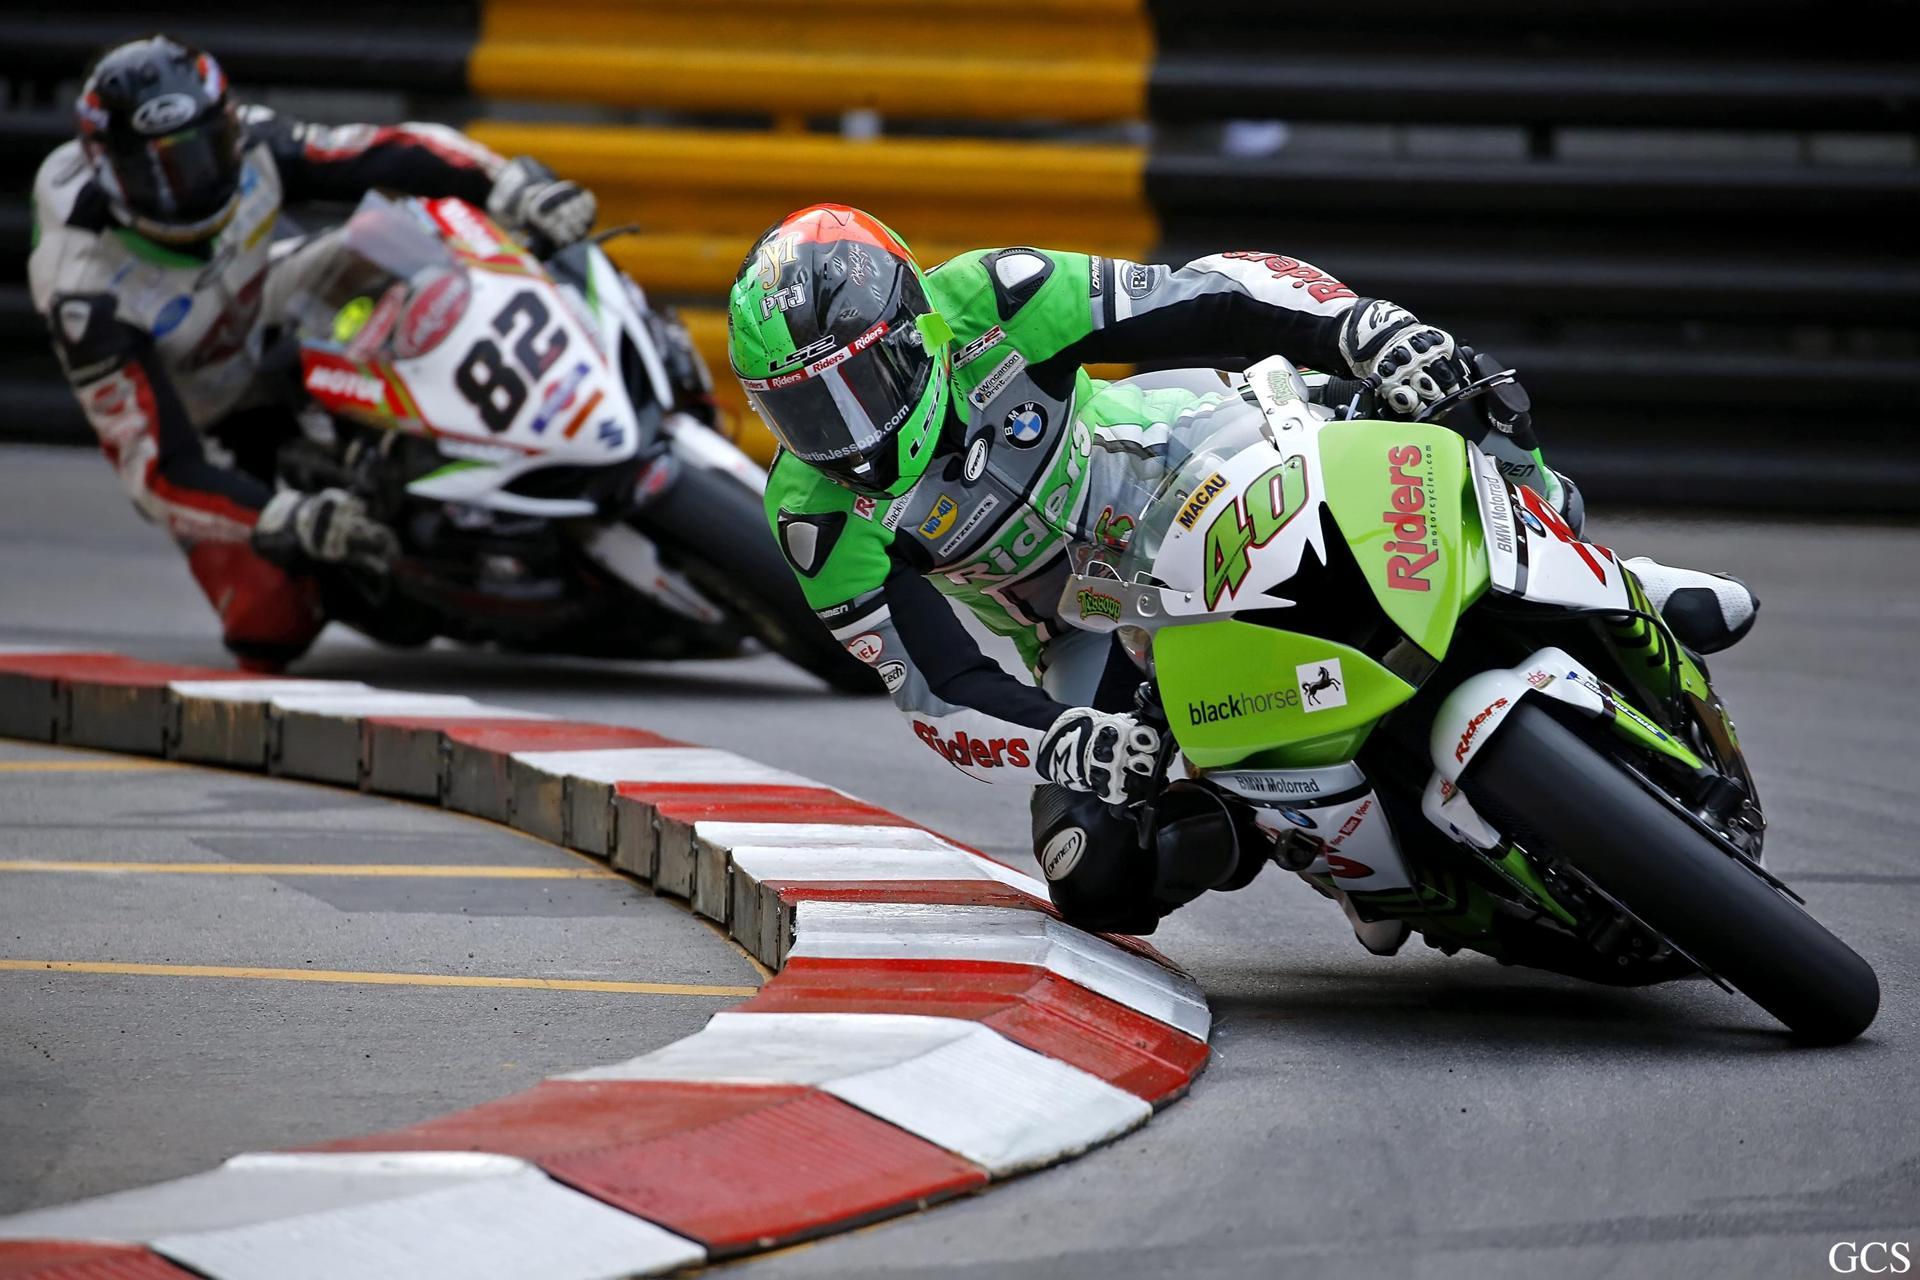 Gran Premio de Macao Martin Jessopp Pole Position